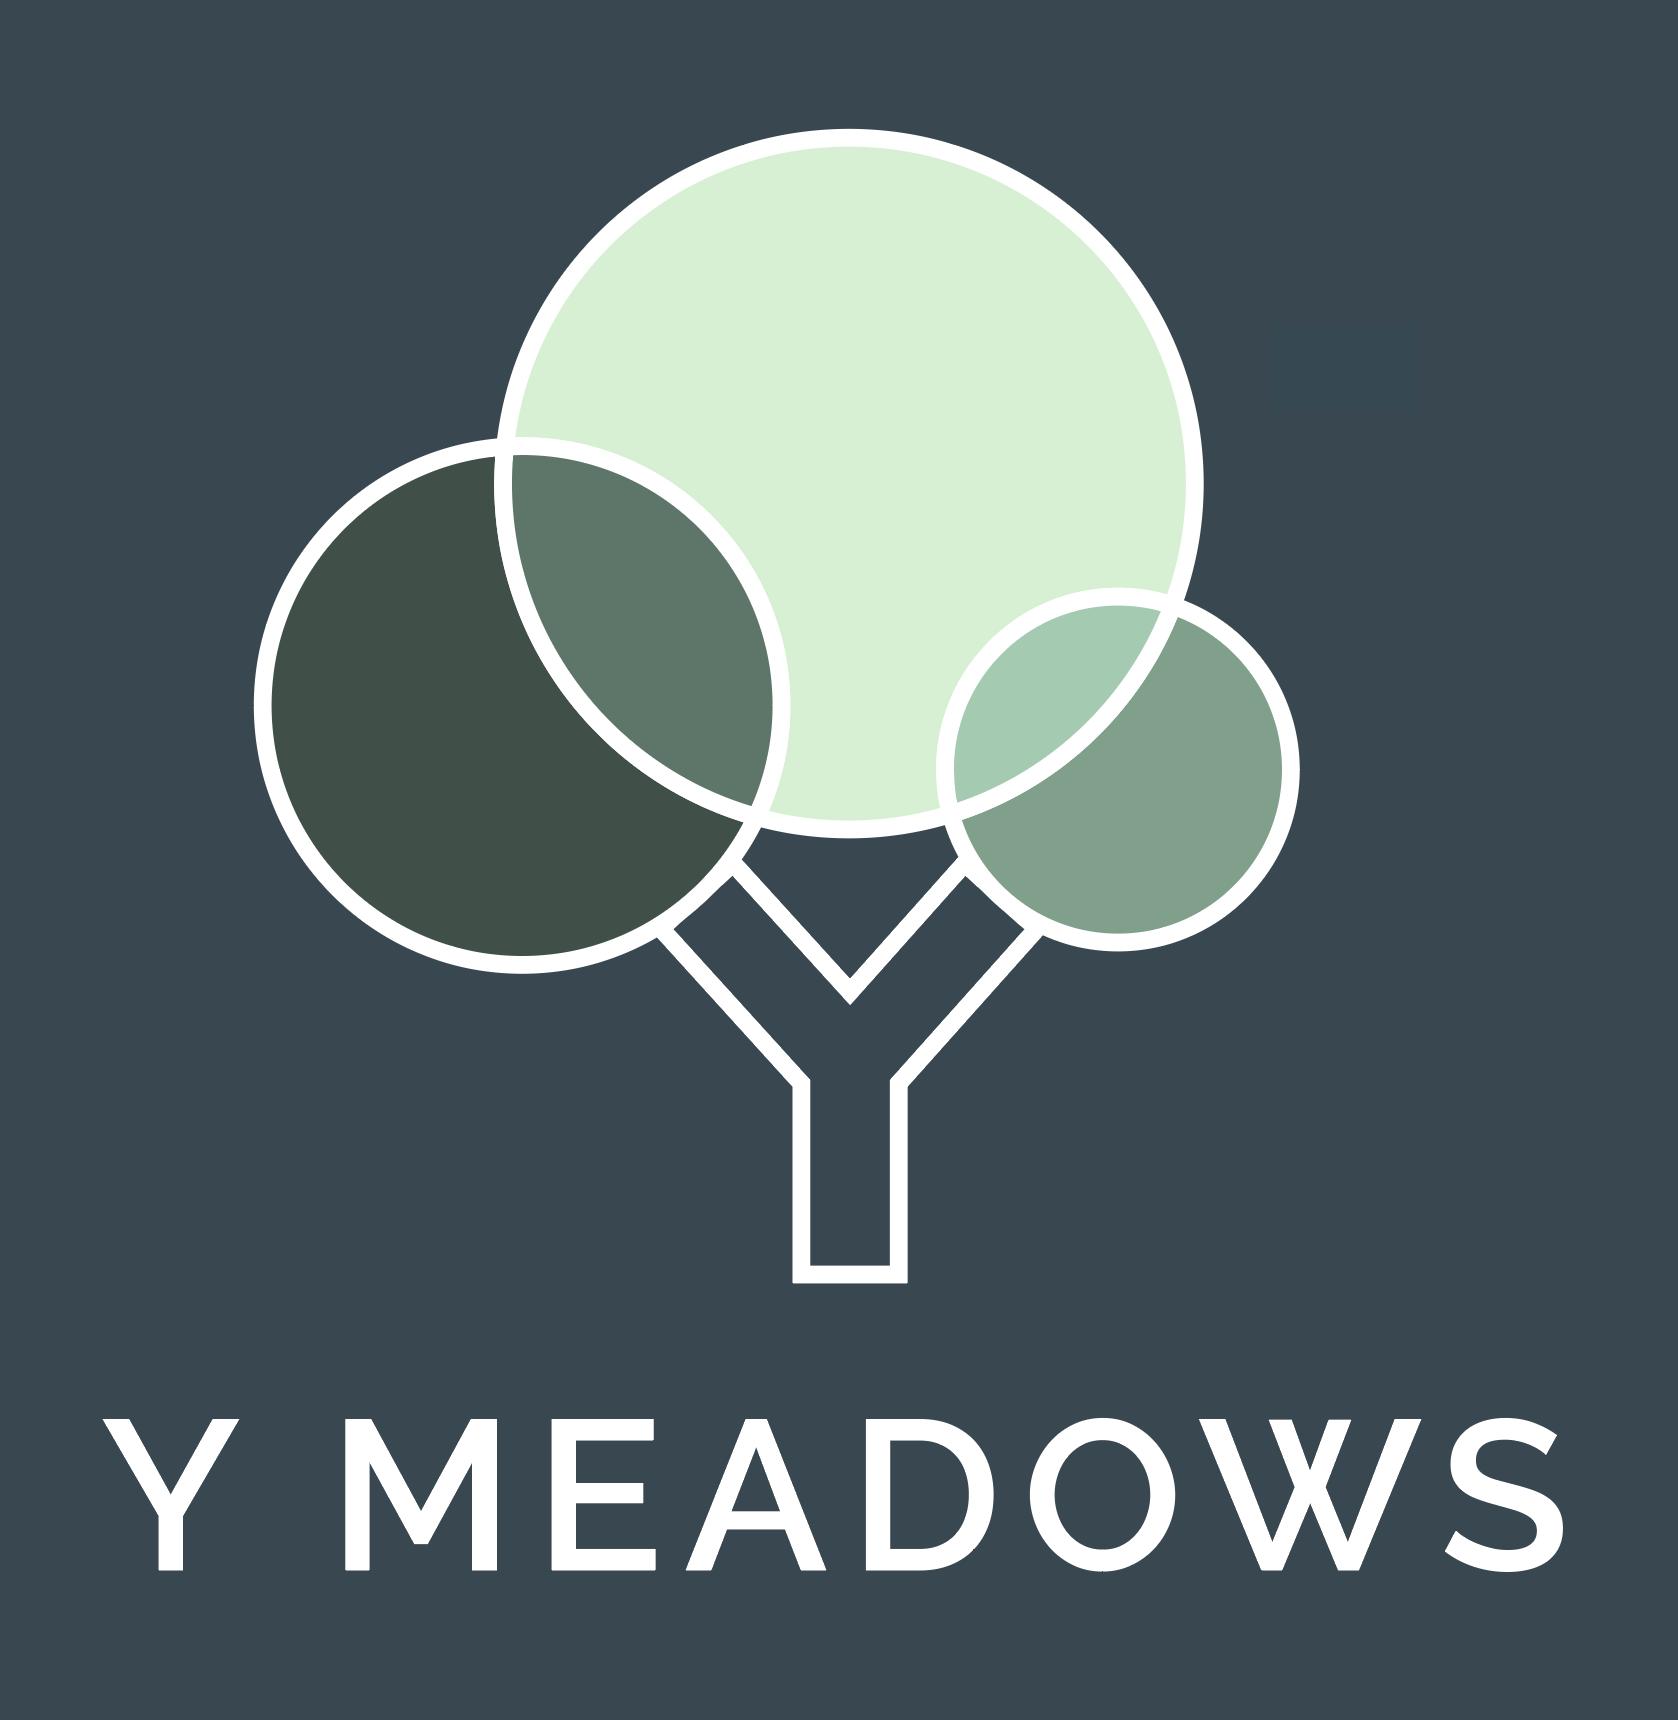 Y Meadows